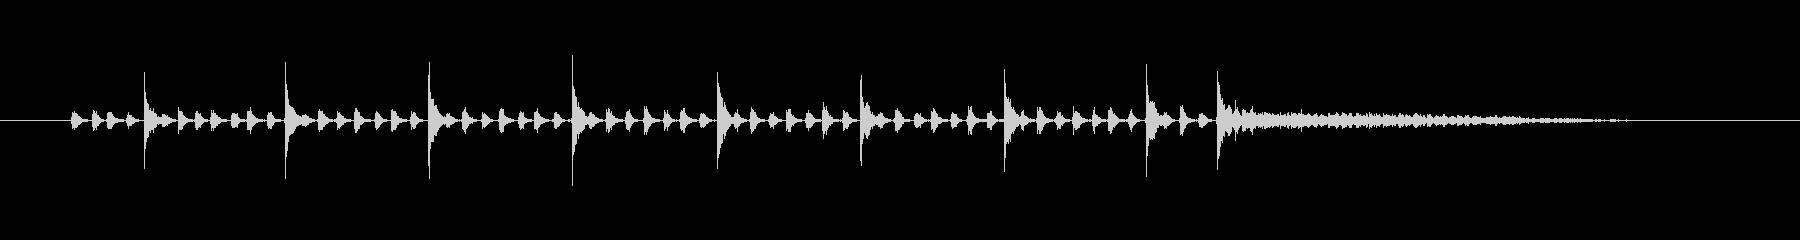 タンバリン(シャカシャカタン)の未再生の波形